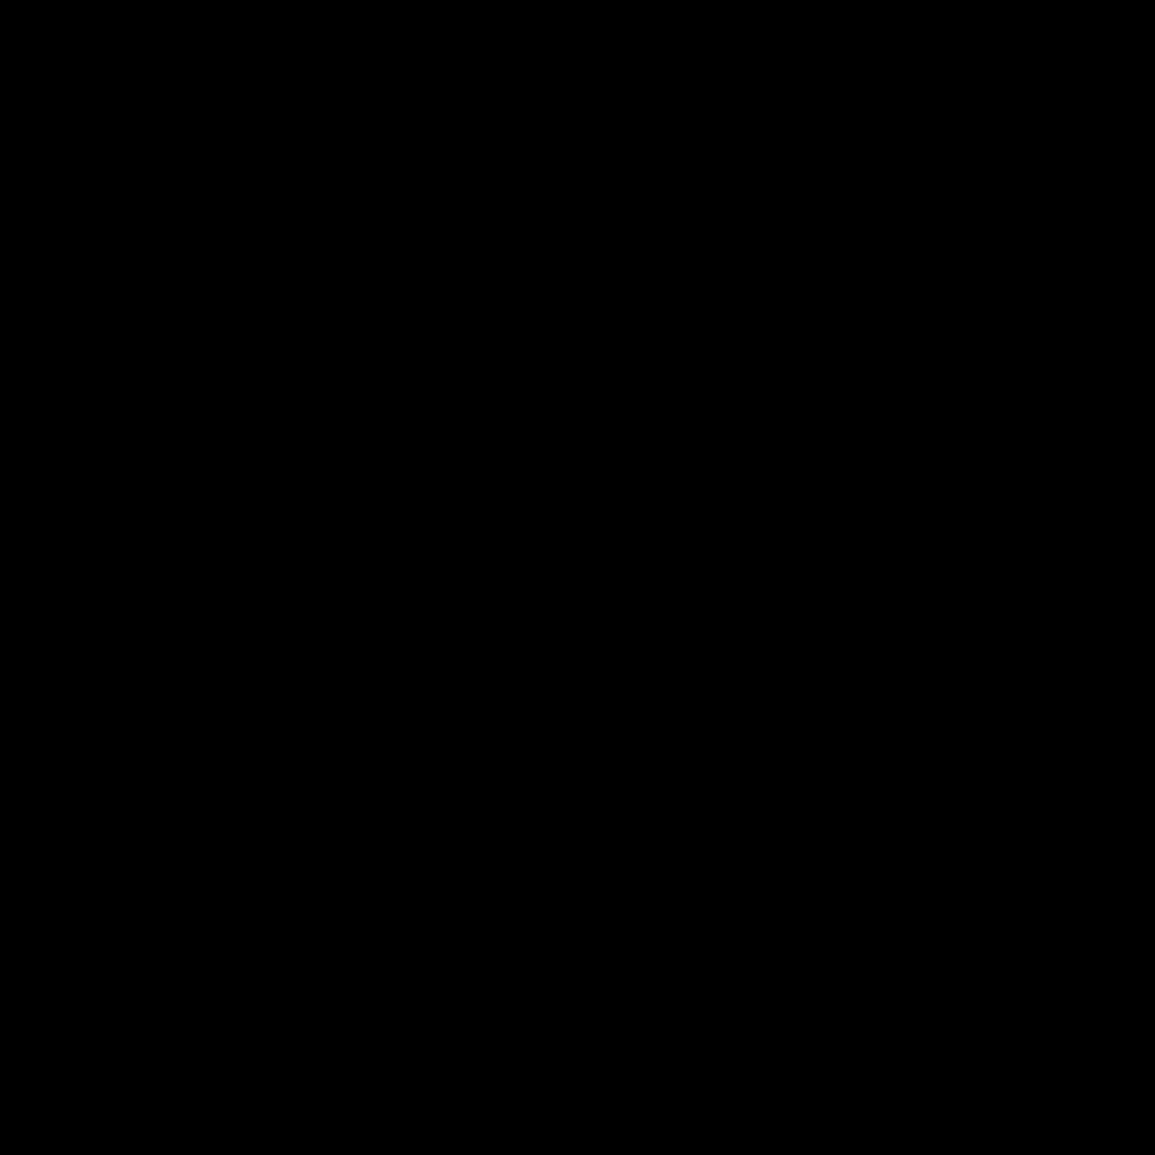 ゴーシャ U USG 字形見本